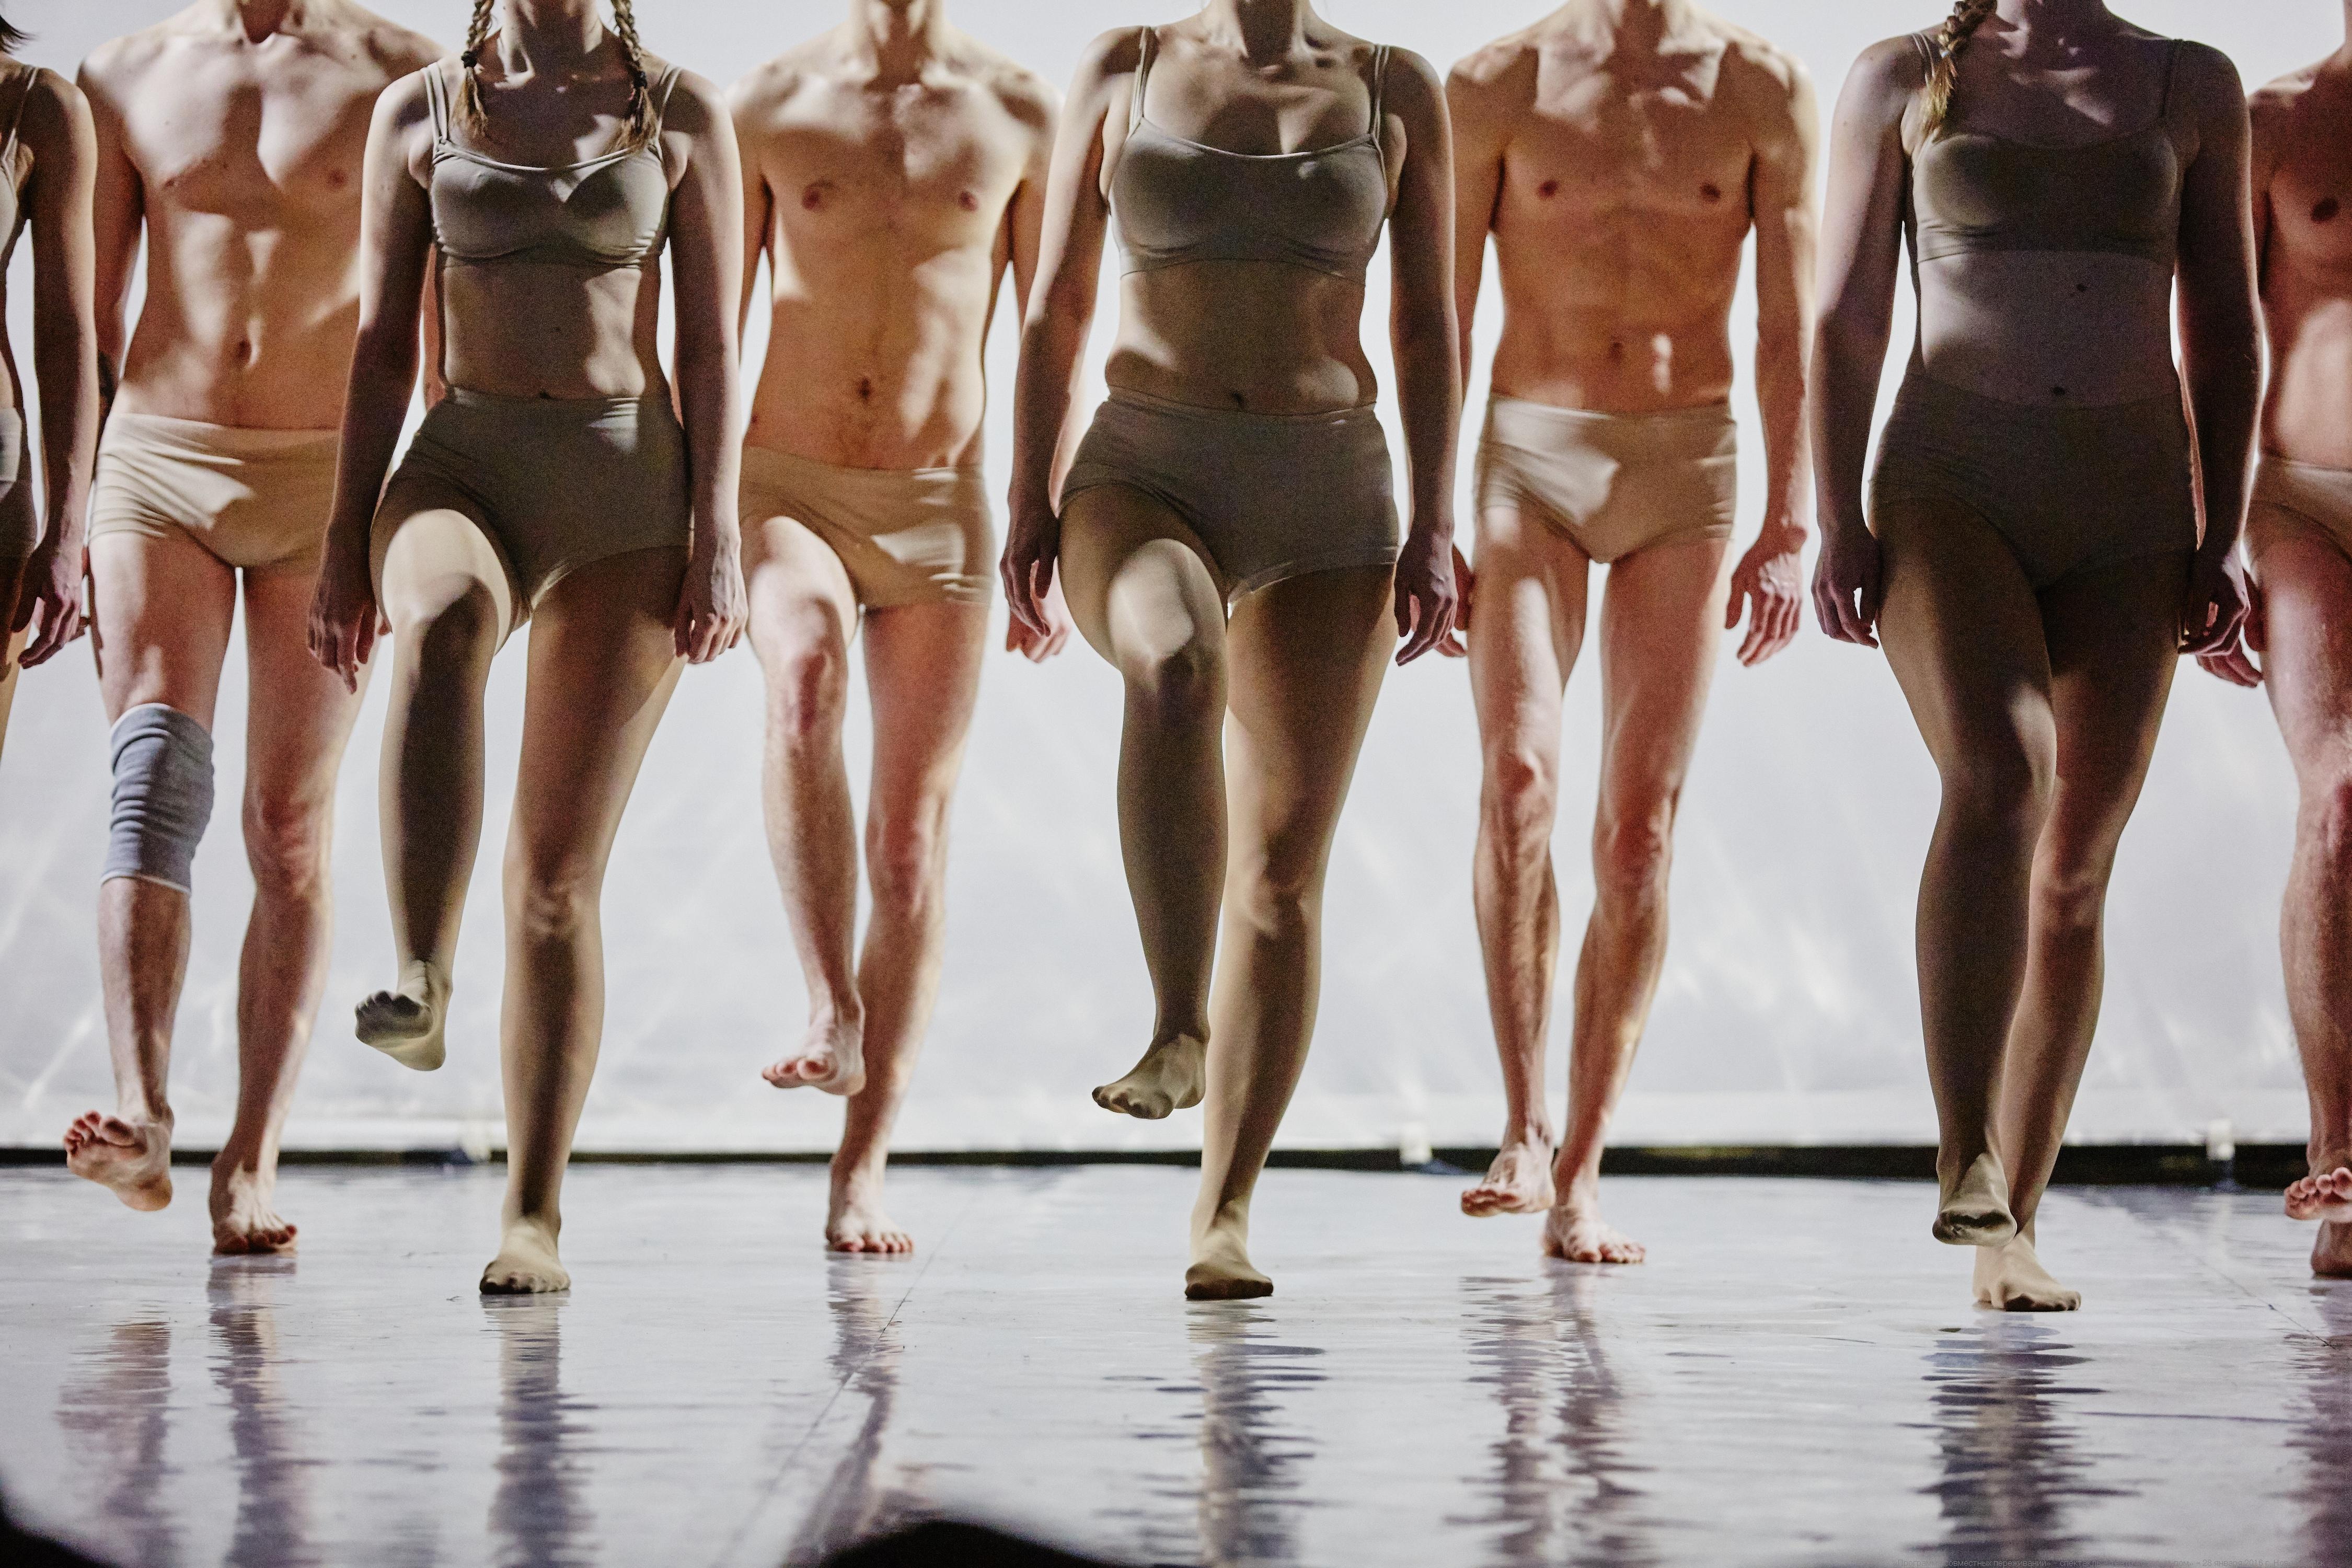 Спектакль-оргия с голыми актерами   Каталог эротического видео